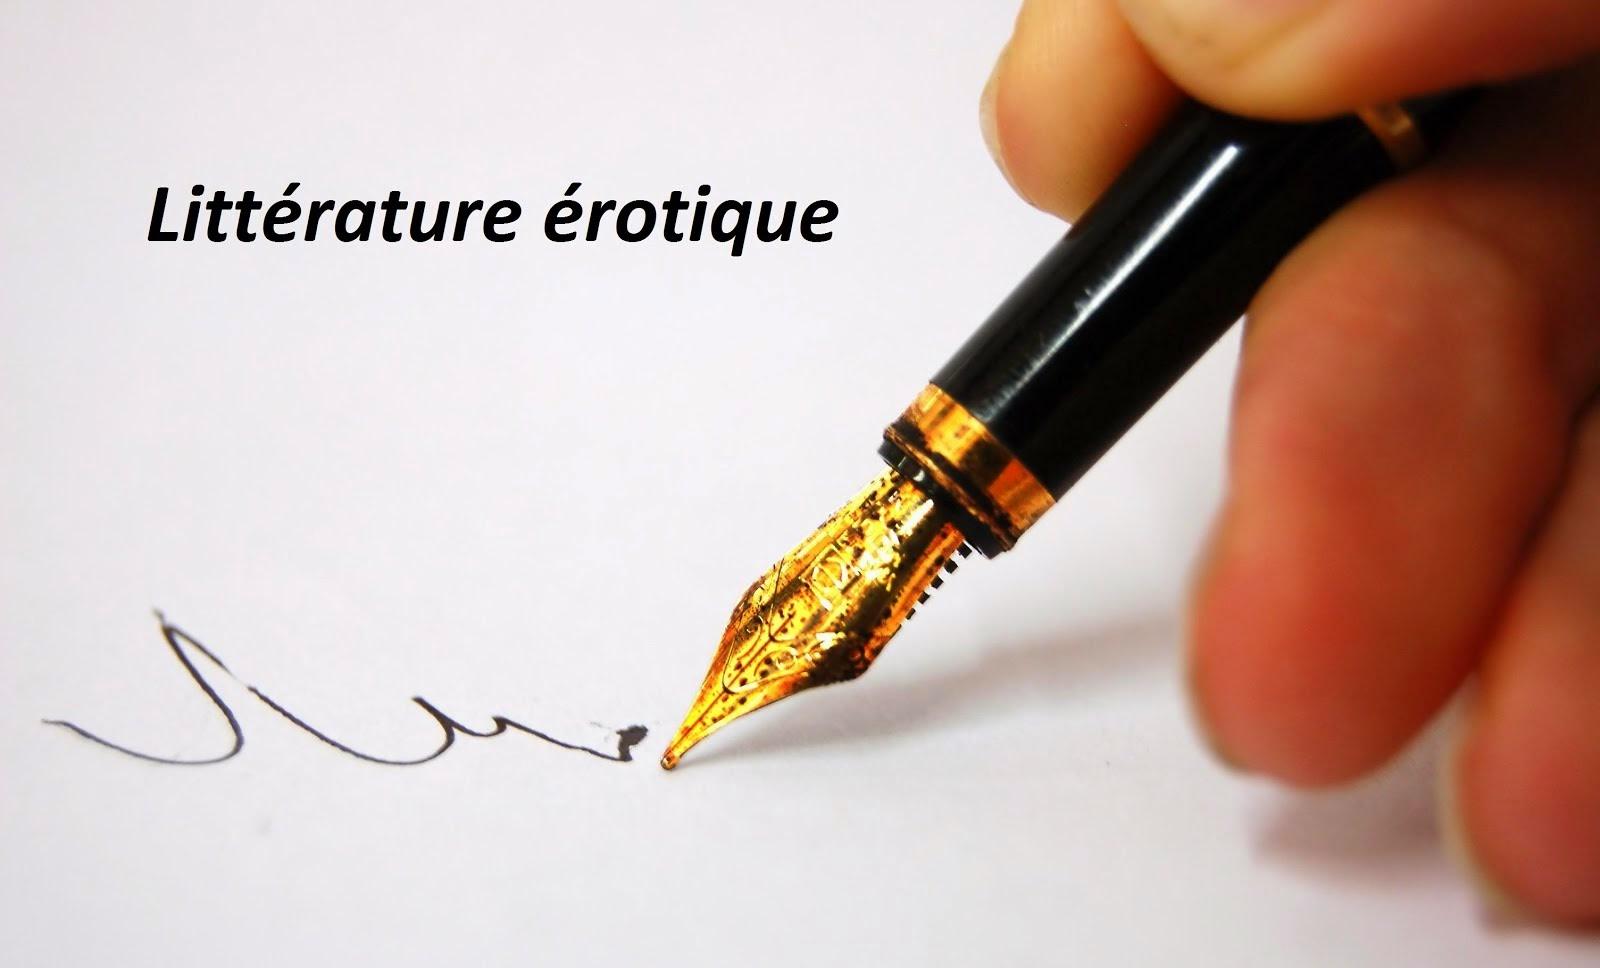 Pour le plaisir d'écrire